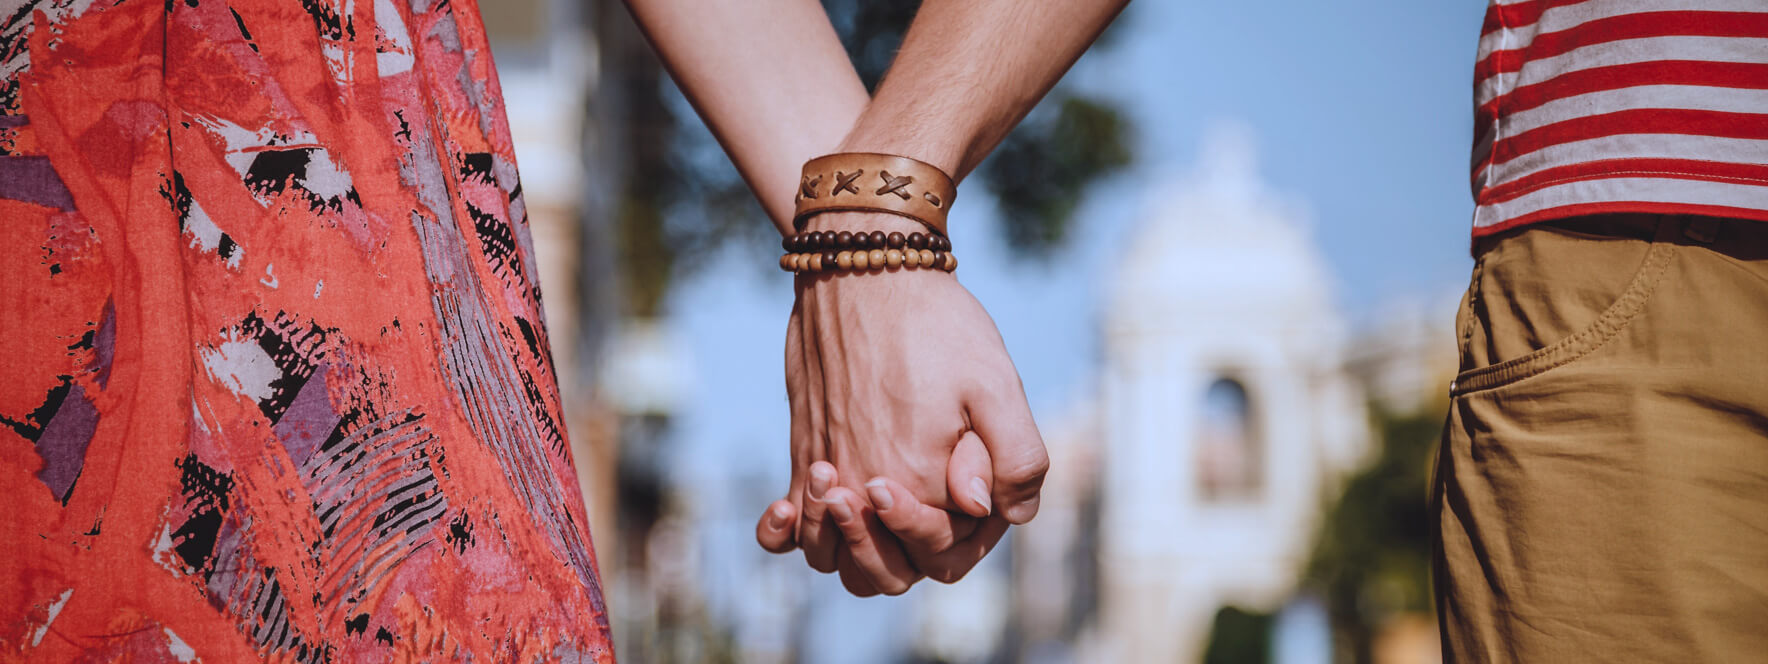 Un jeune couple se tenant la main communique par le toucher